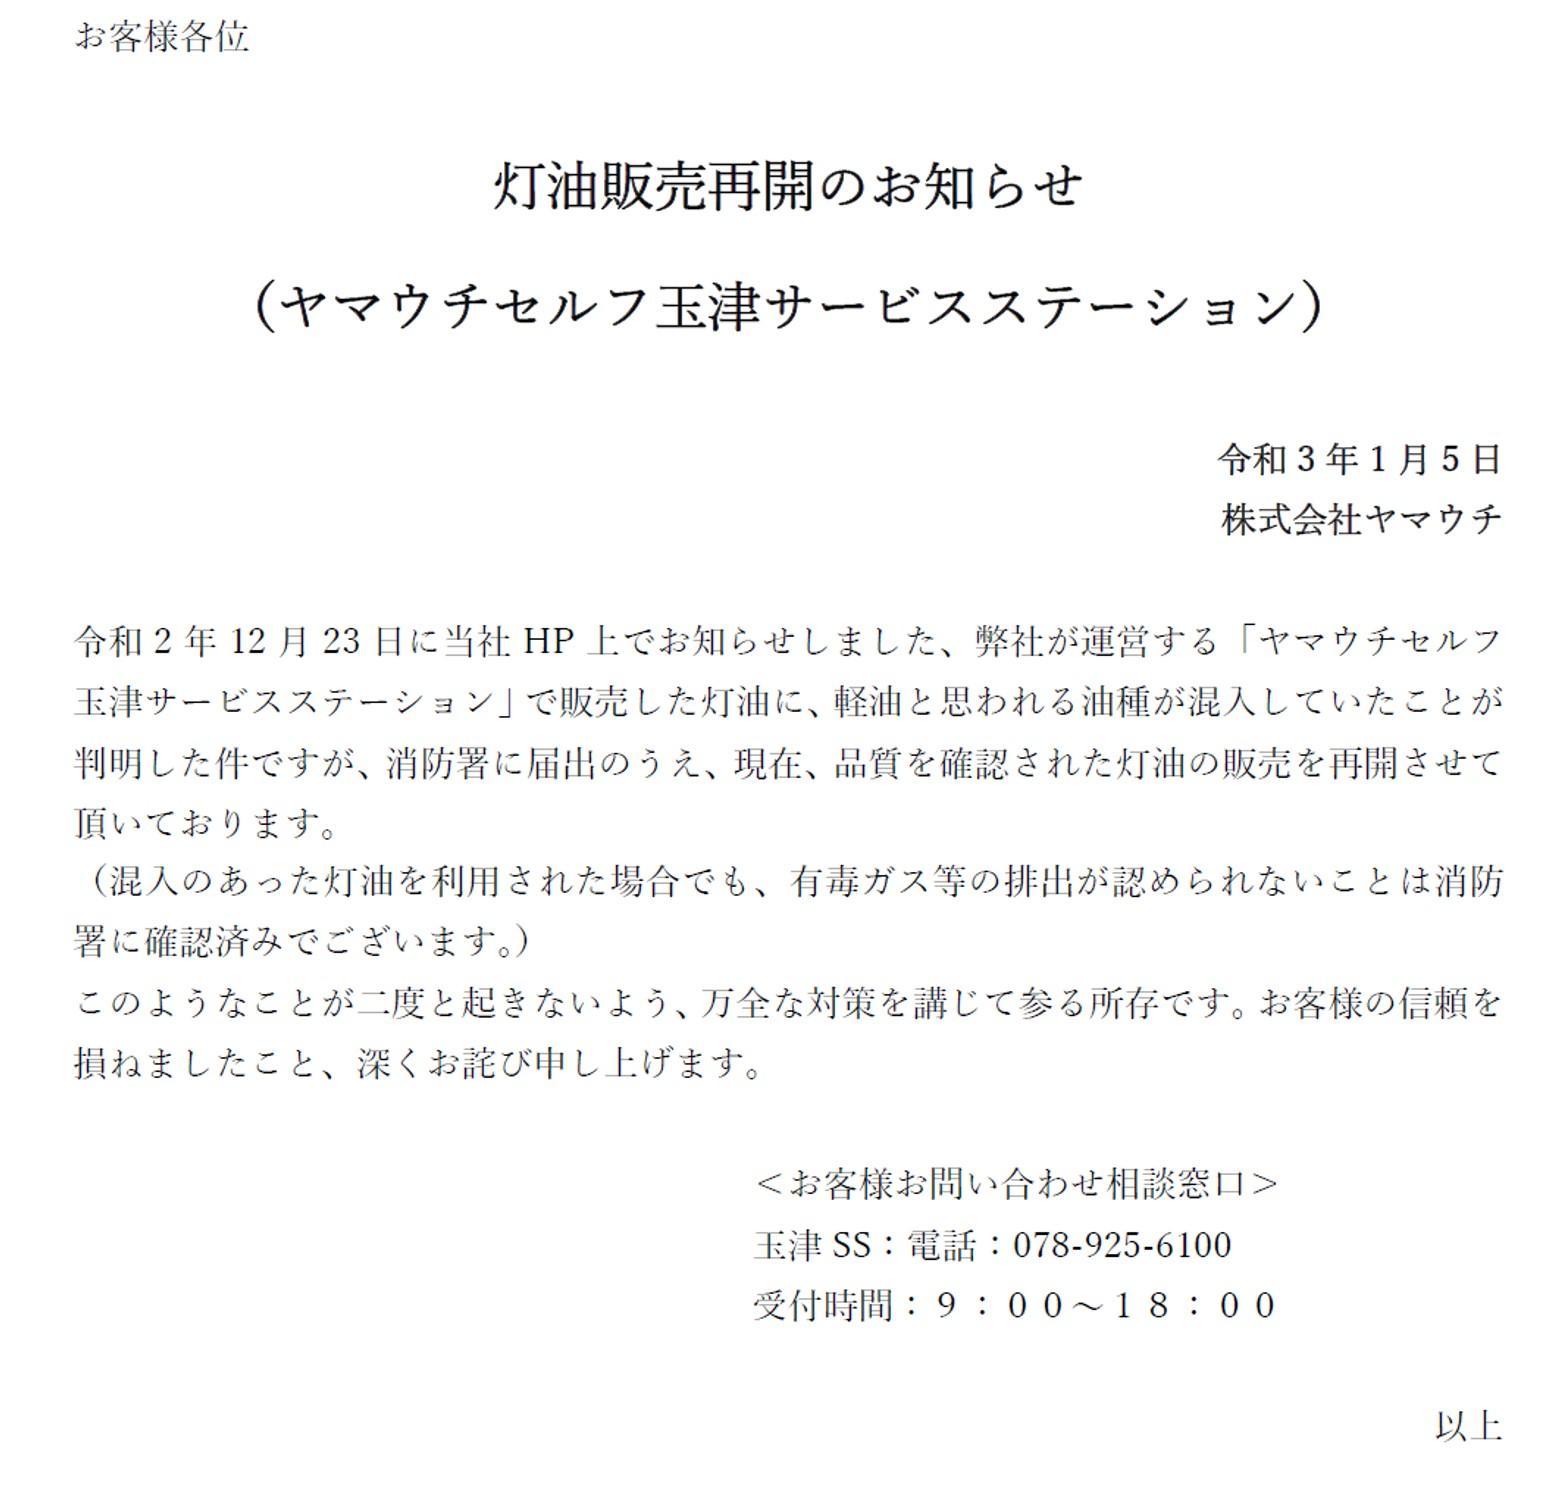 灯油販売再開のお知らせ.jpg